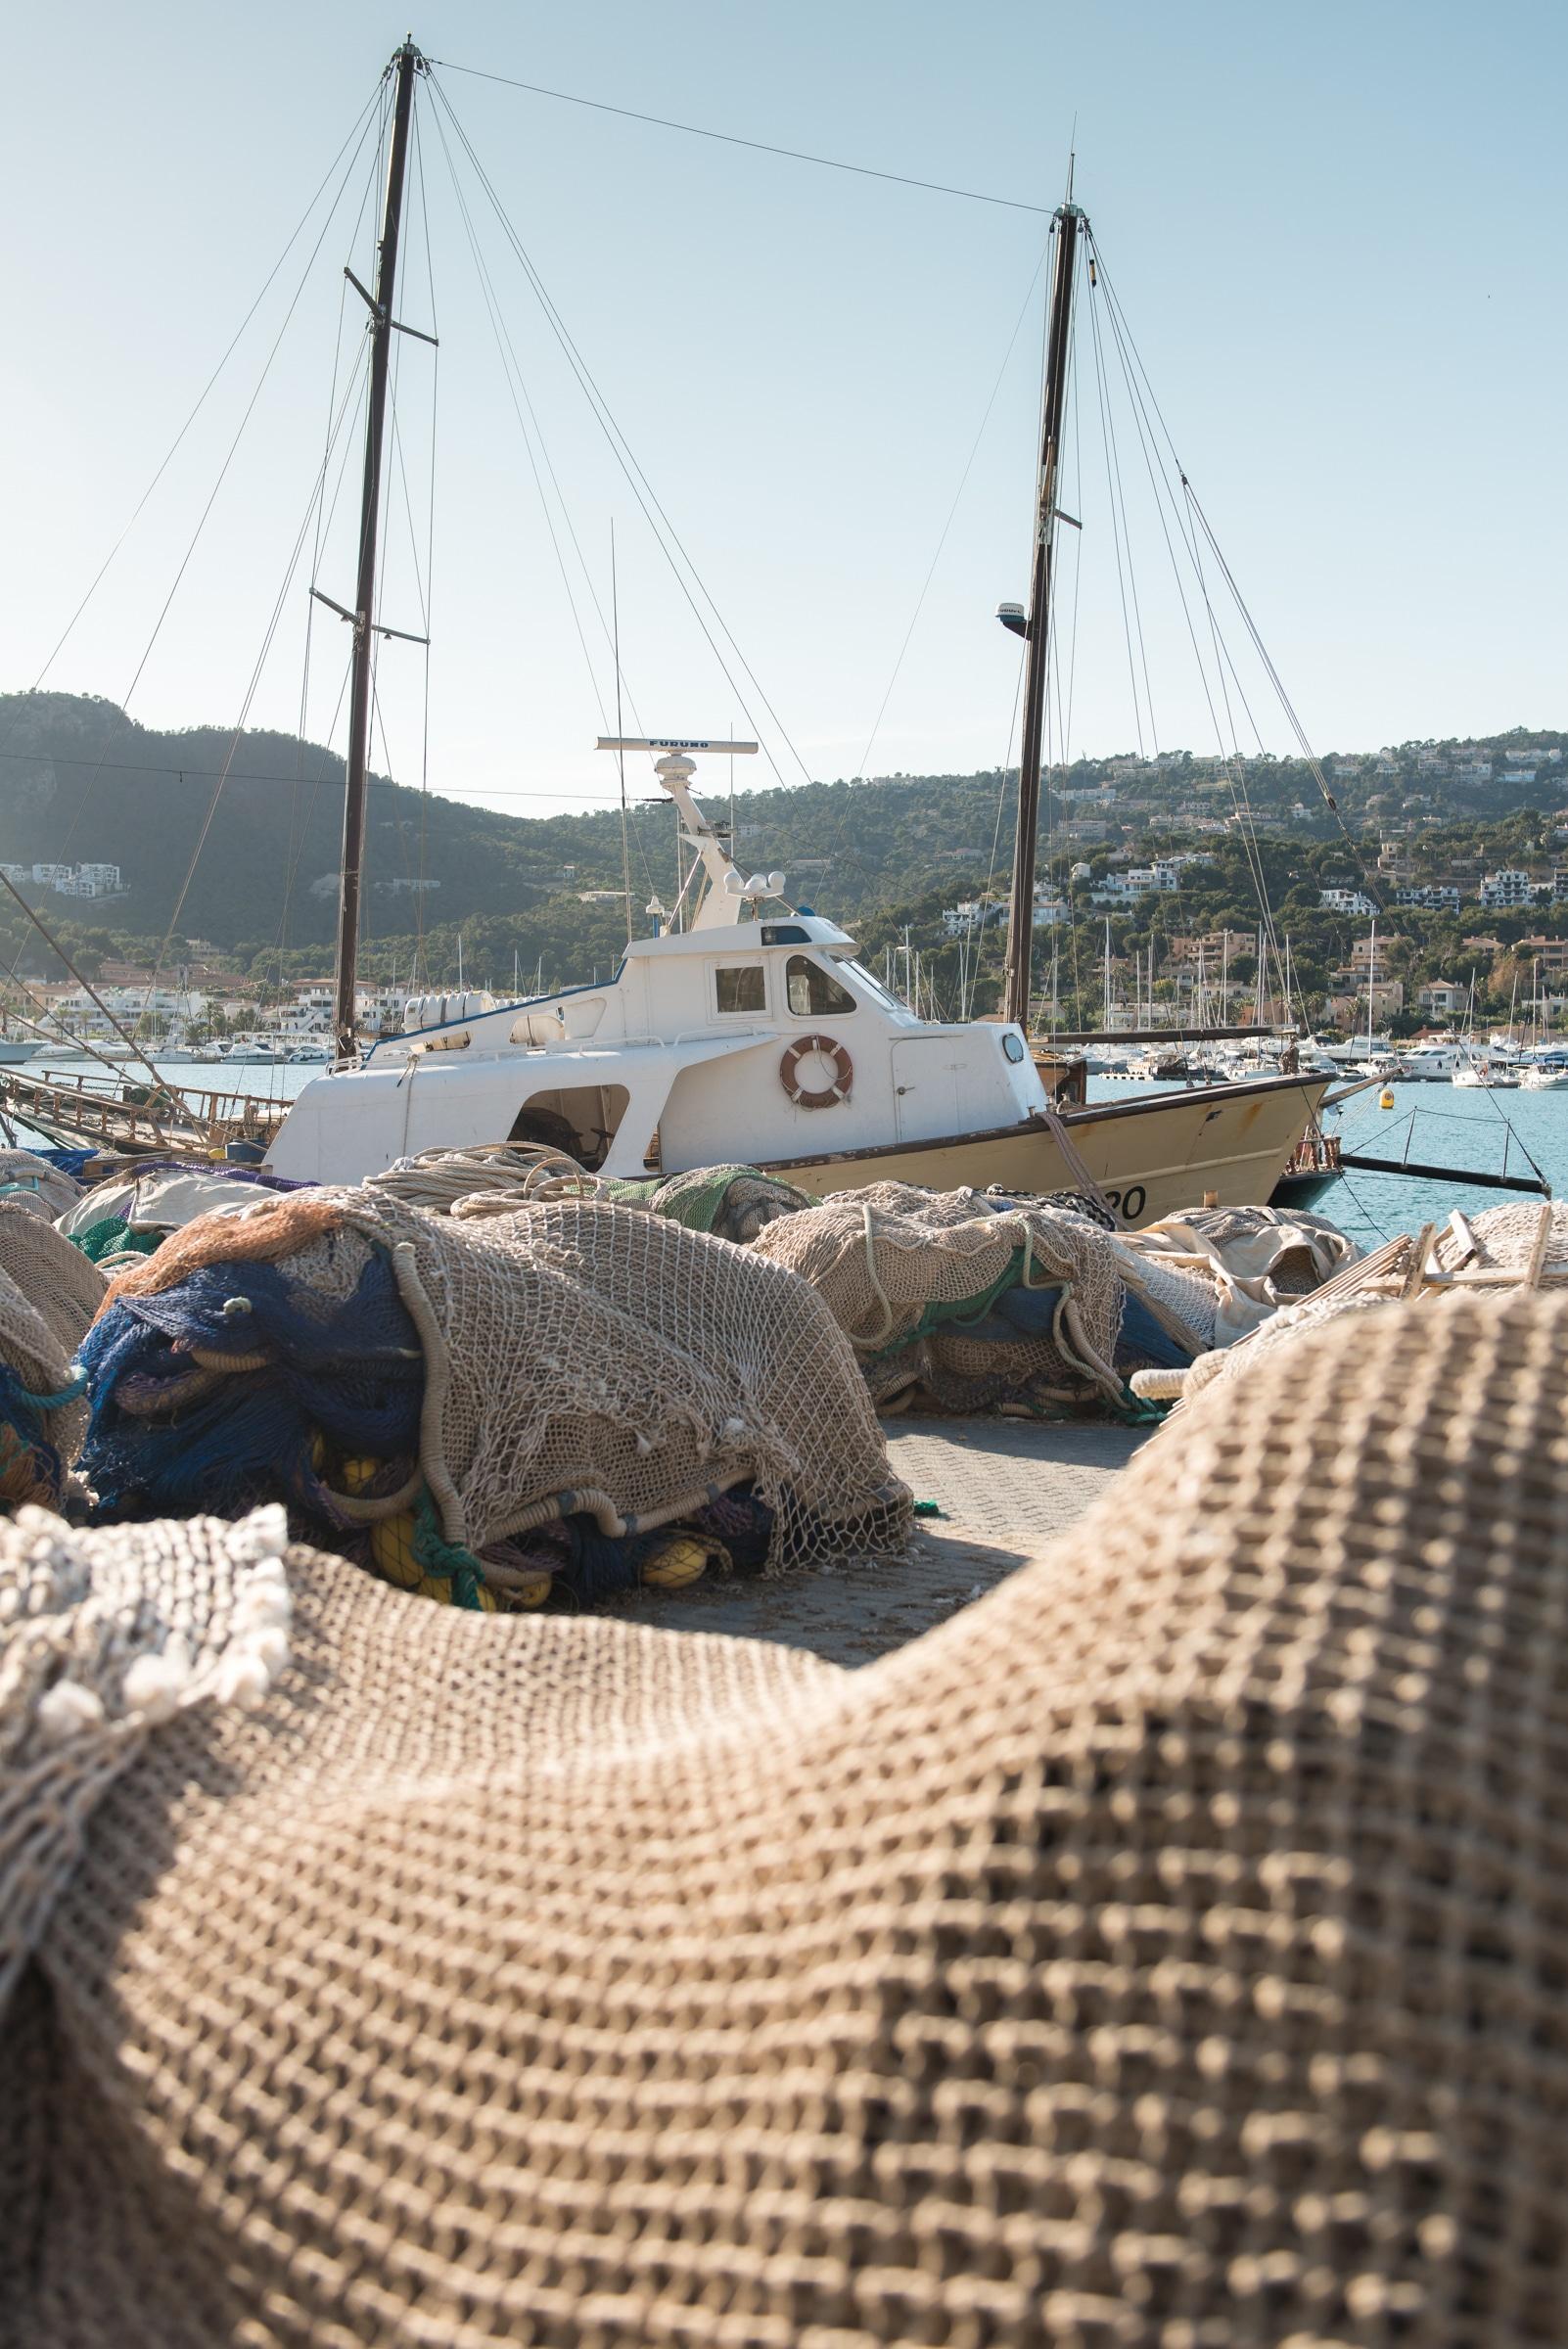 20130511 0402 - Port d'Andratx